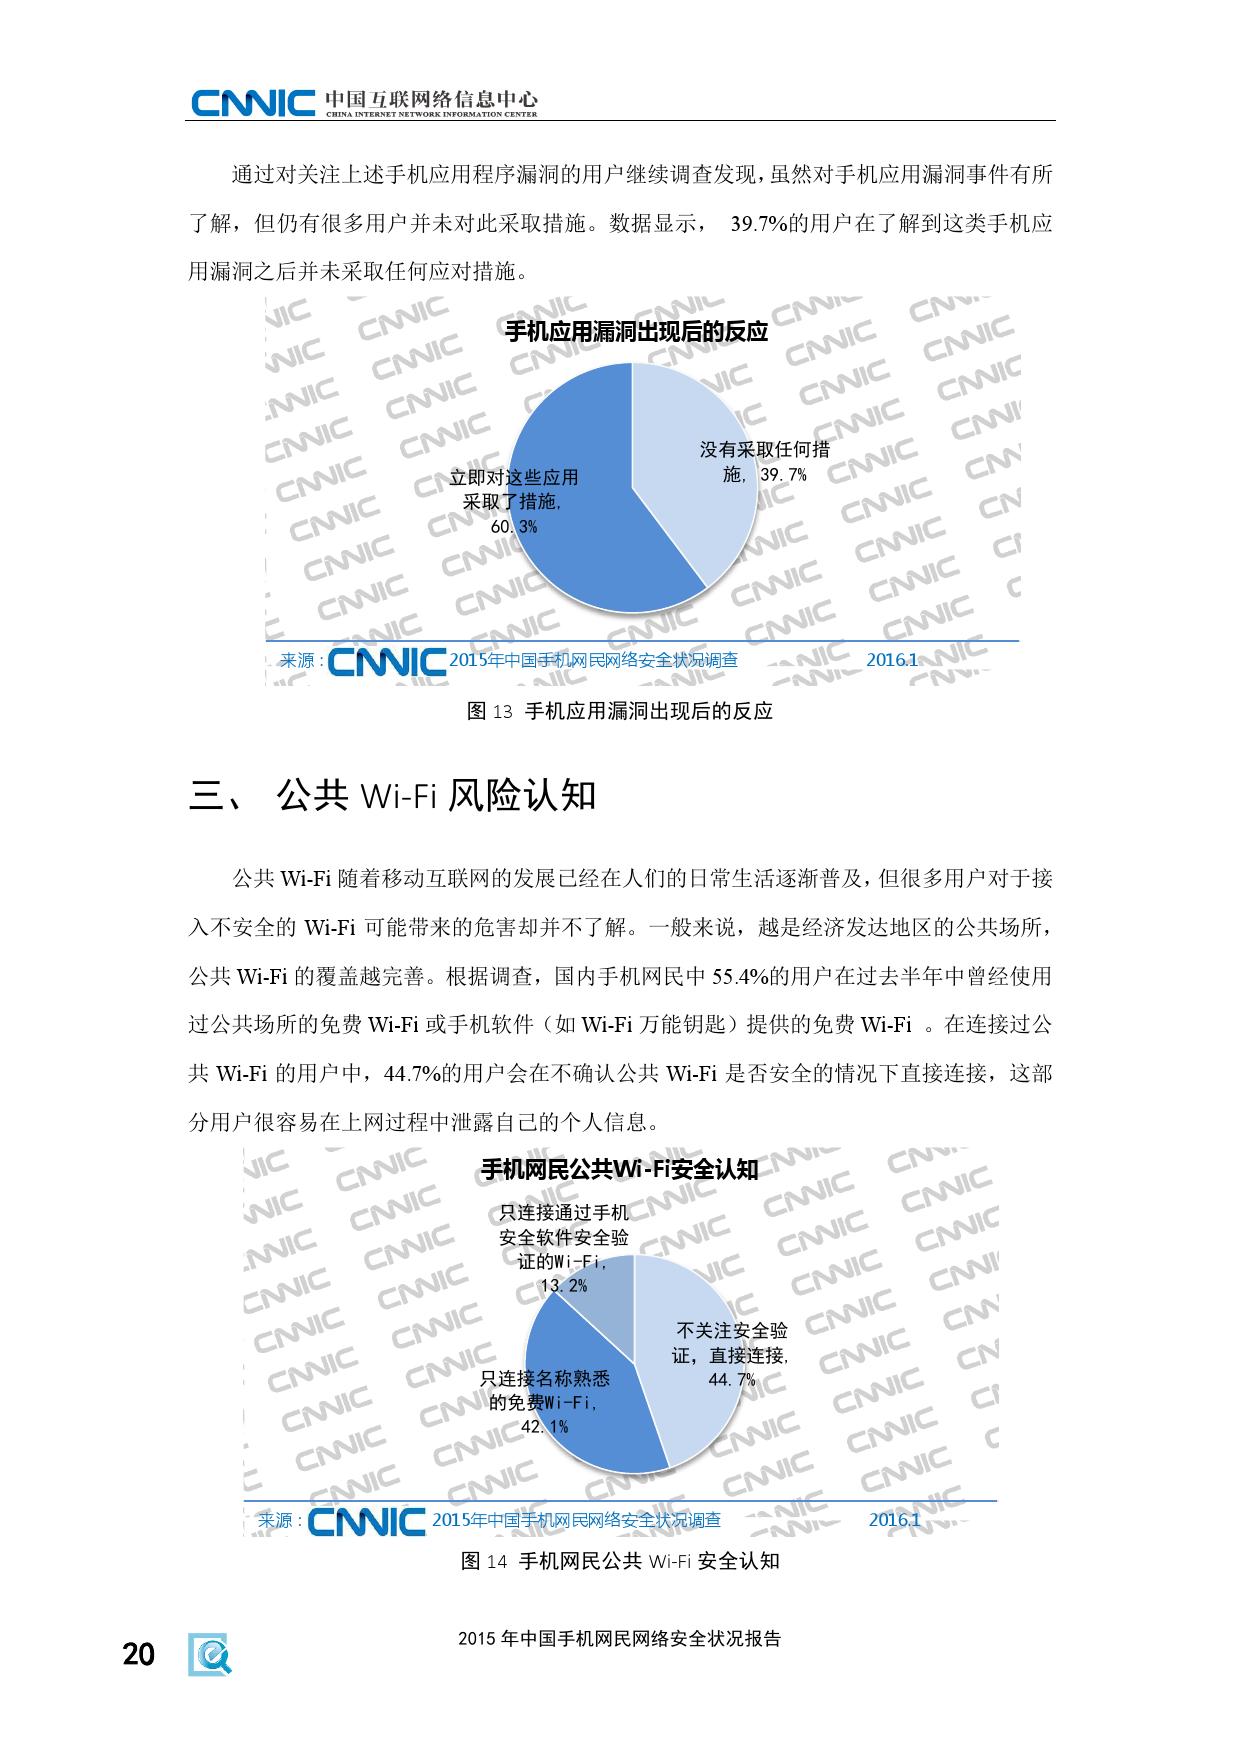 2015年中国手机网民网络安全状况报告_000026